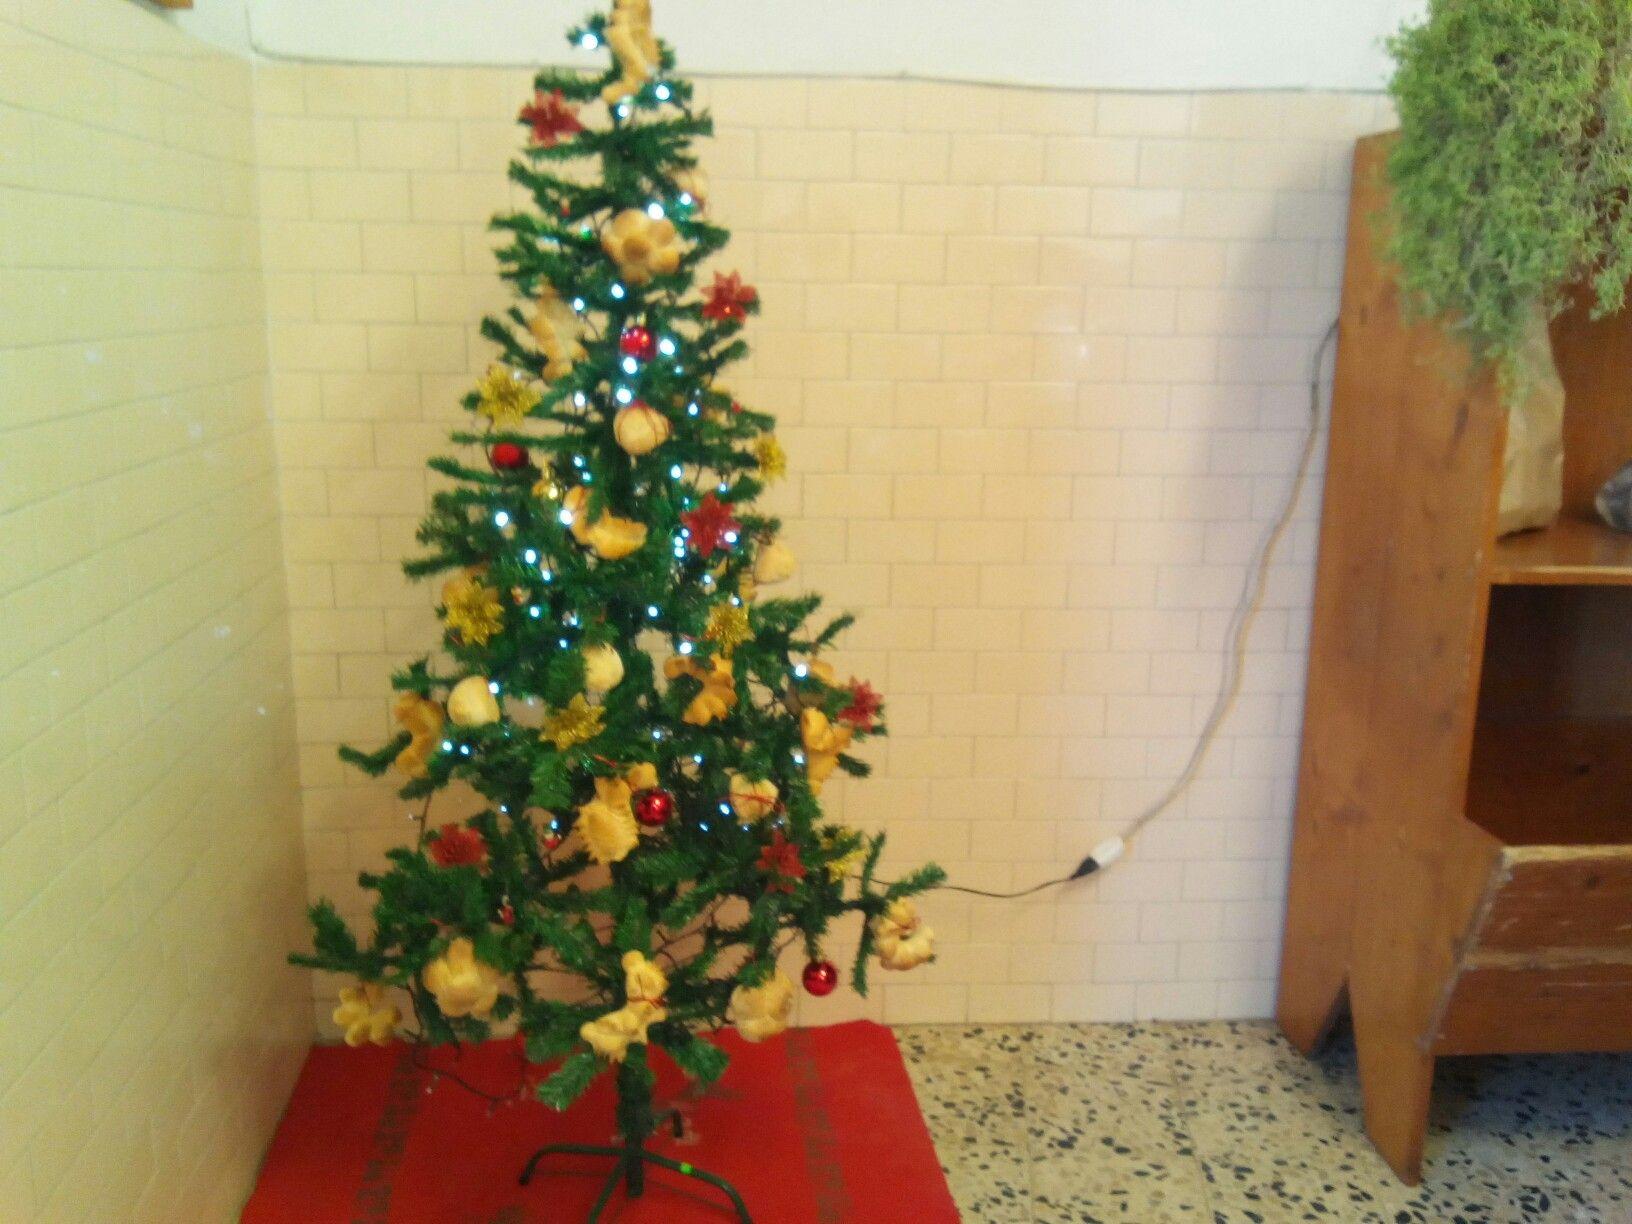 Poesie Di Natale In Sardo.Albero Di Natale Addobbato Con Panini E Coccoi Pane Sardo